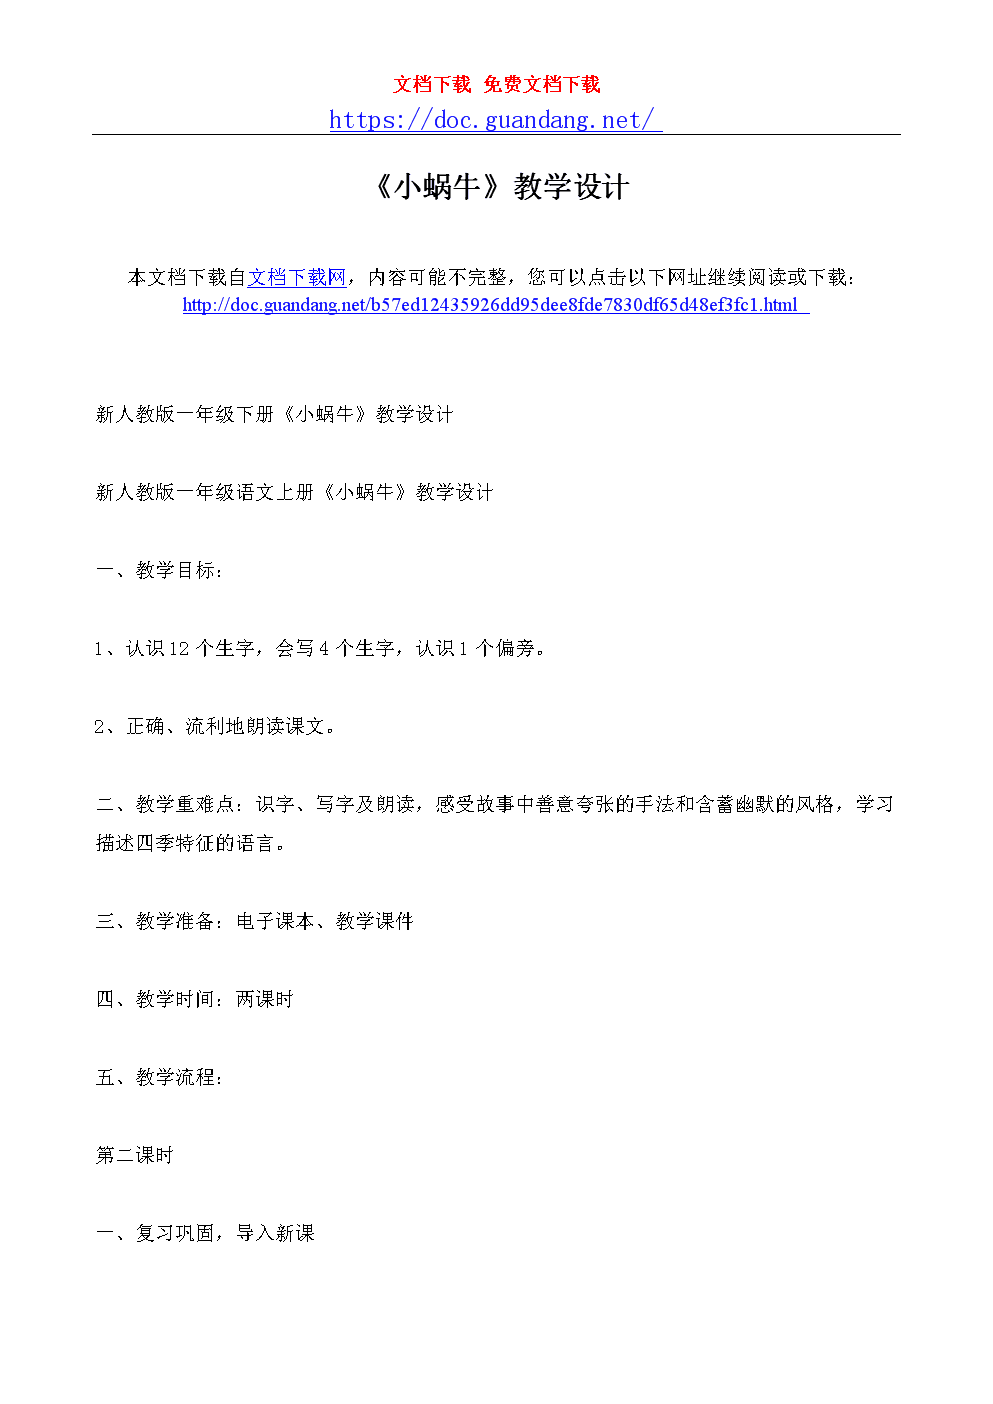 《小蜗牛》教学设计[doc.guandang.net] (1).doc